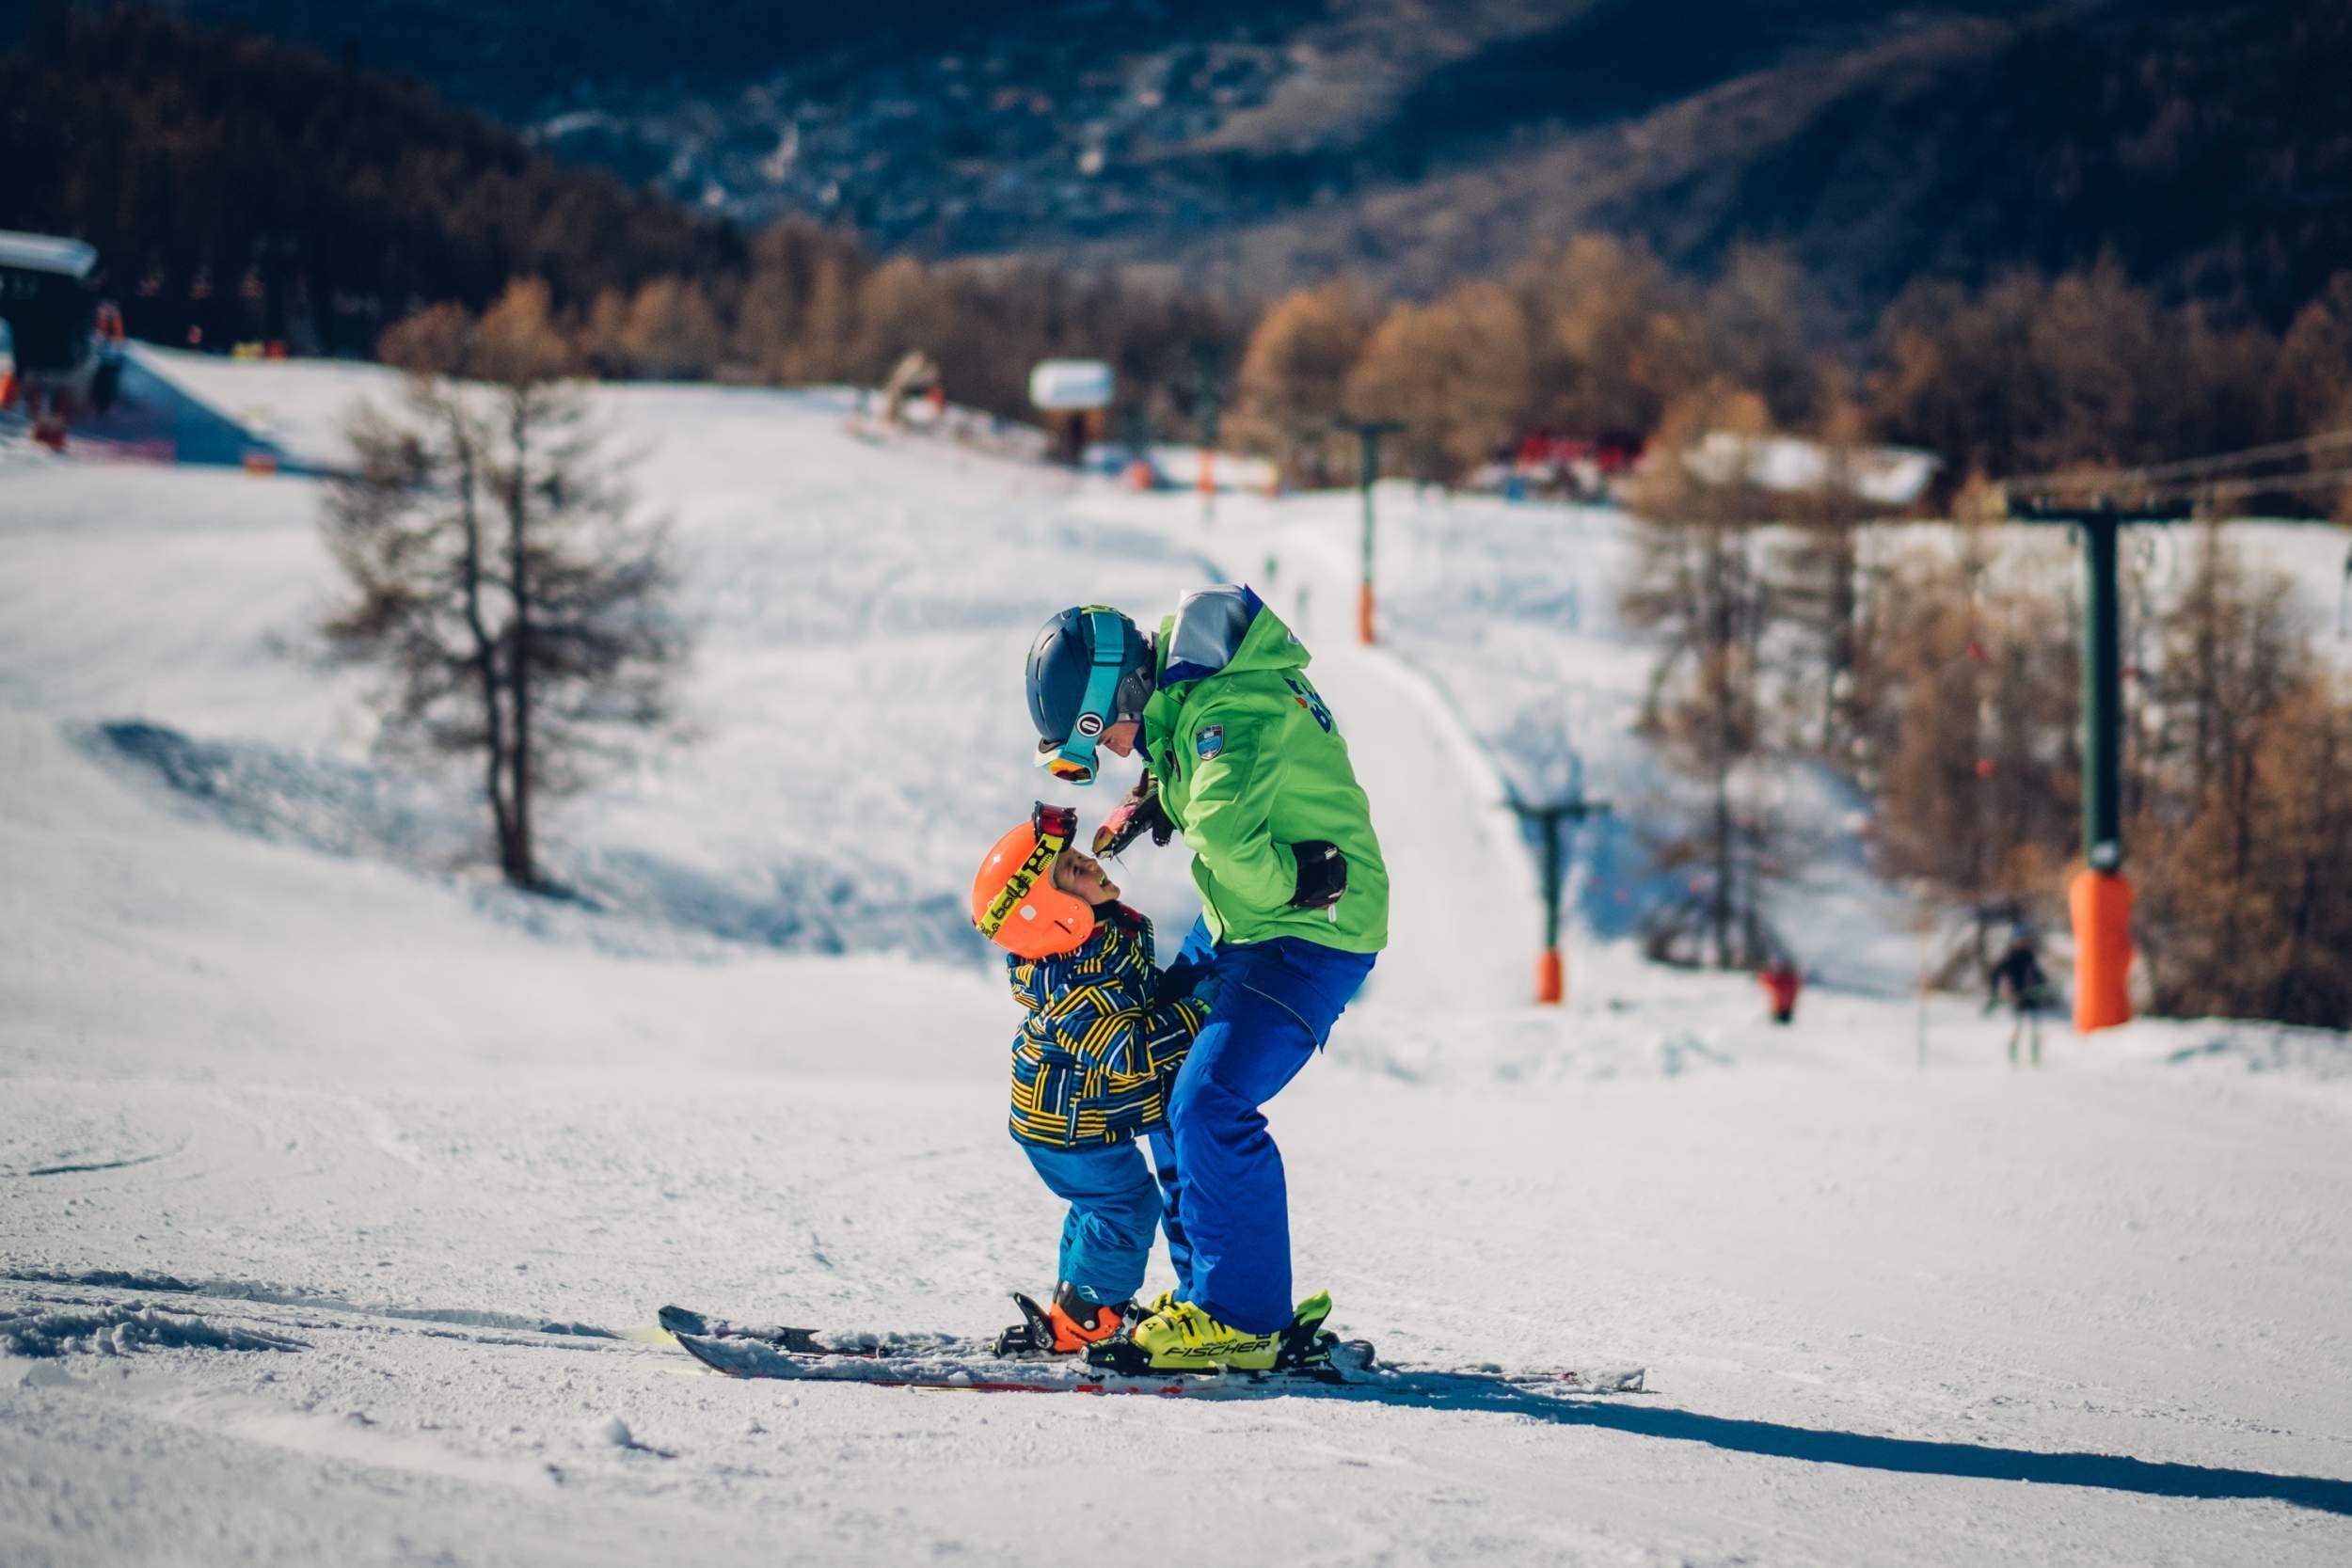 Cours particulier de ski Enfants pour tous niveaux- Vacances